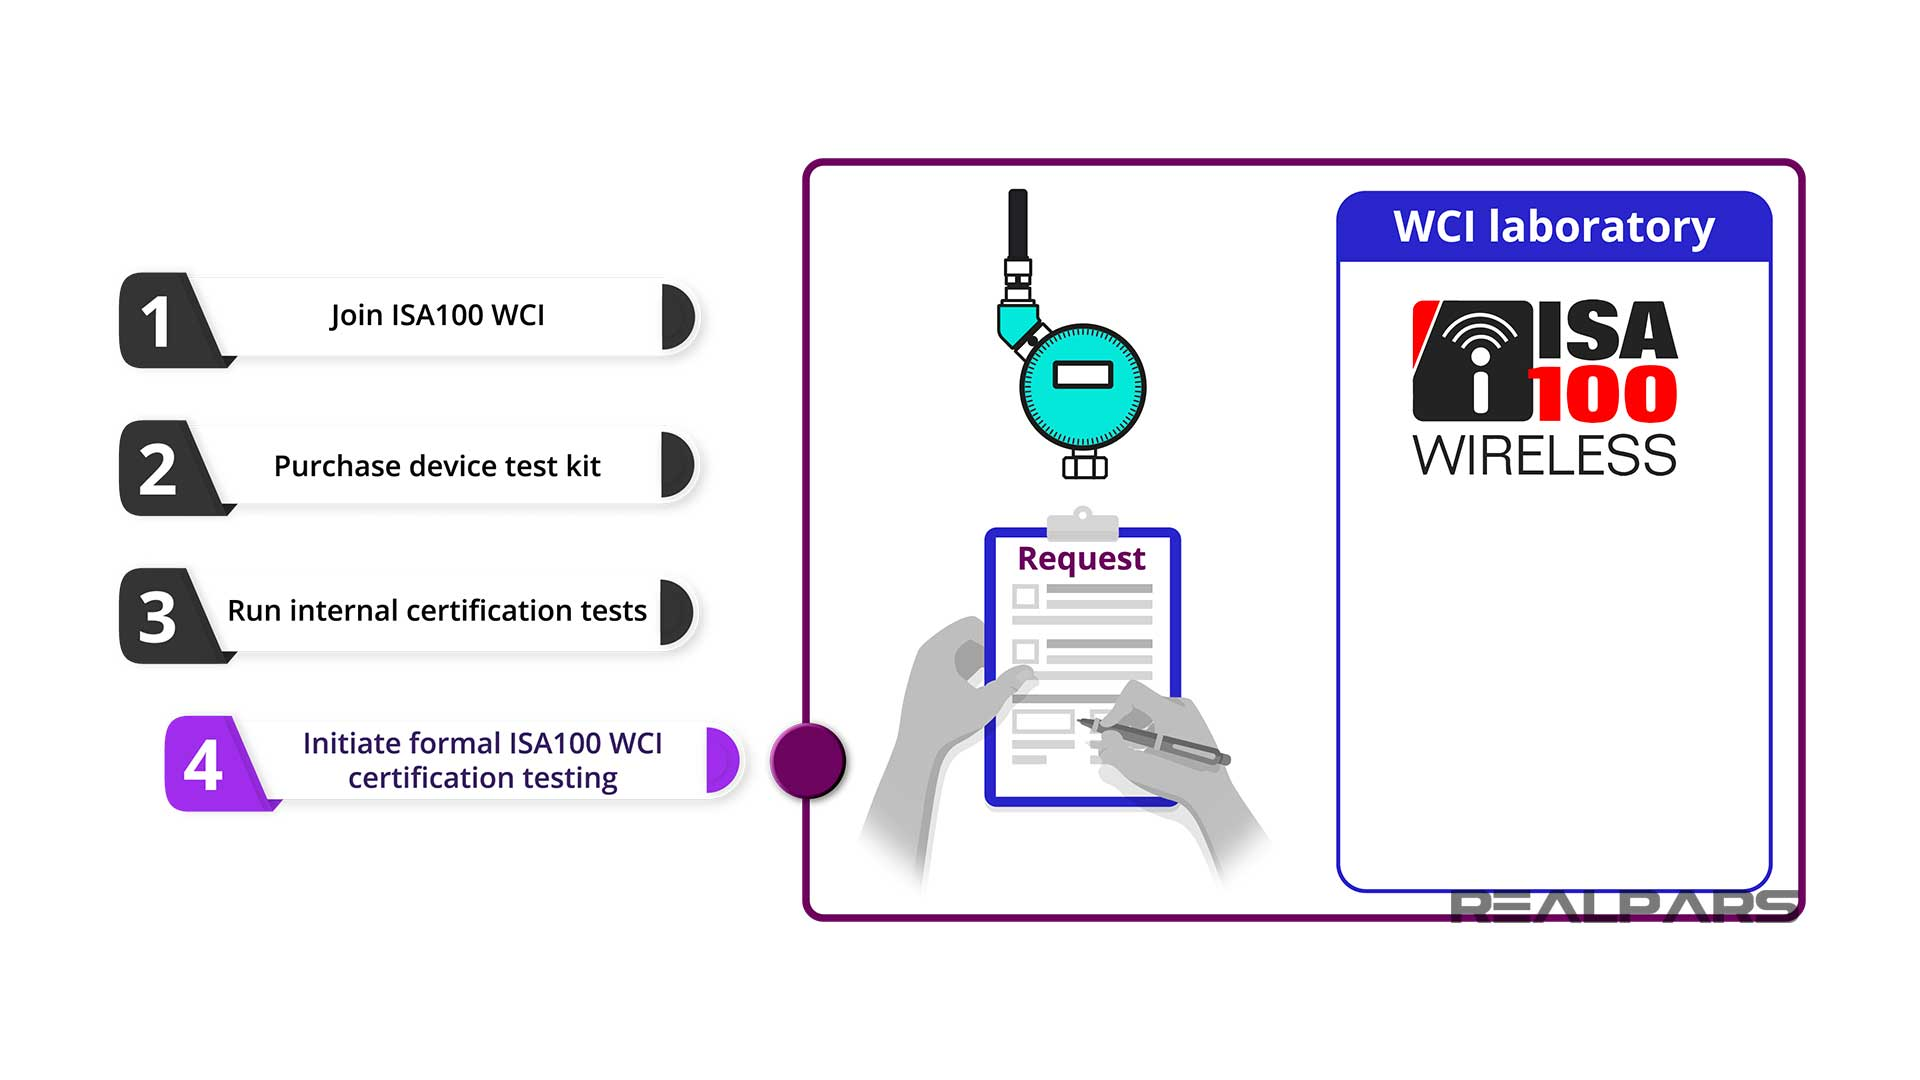 Formal WCI certificate